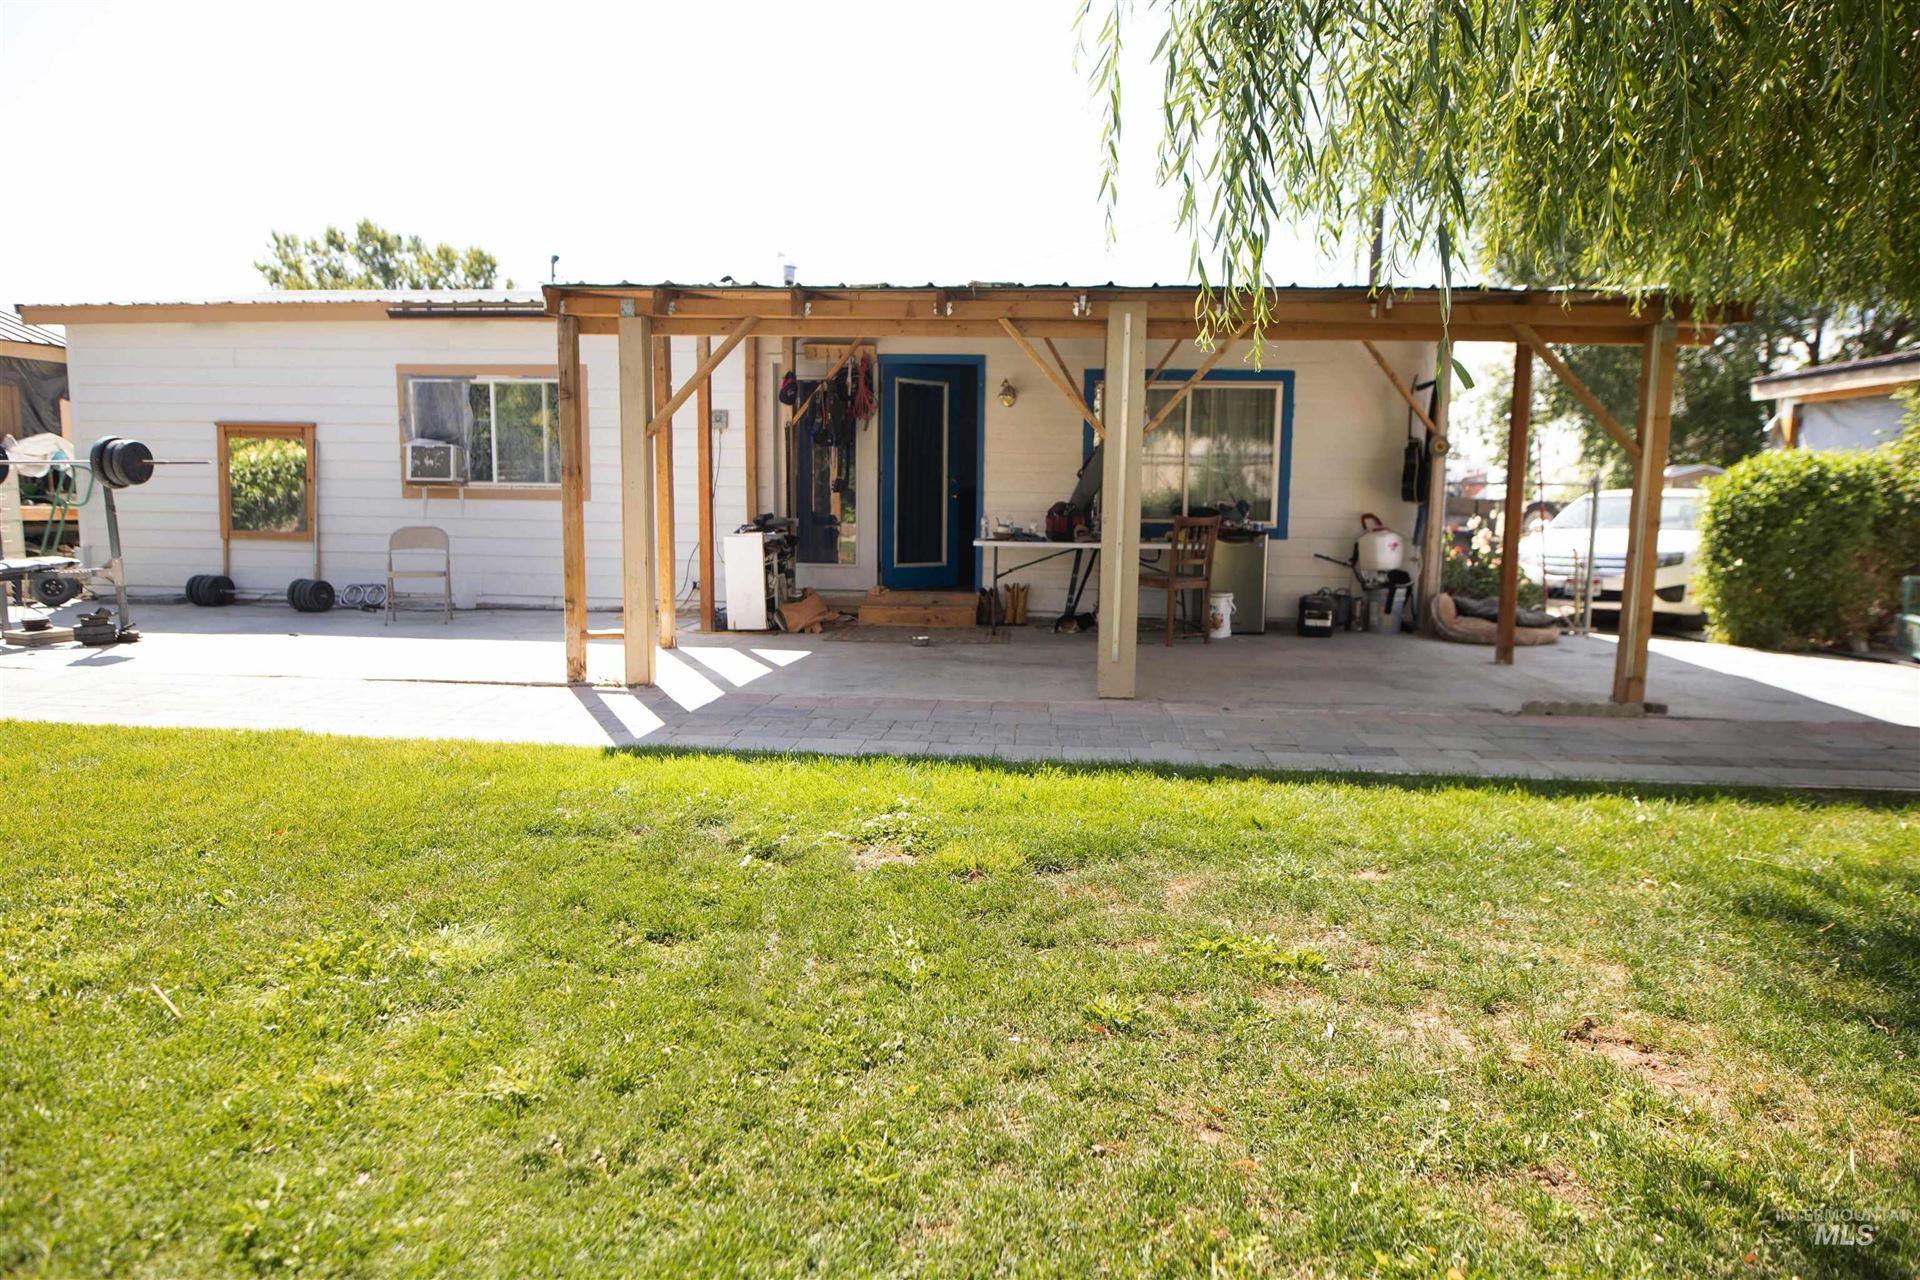 9017 Rolling Hills Ct, Nampa, ID 83686 - MLS#: 98814643